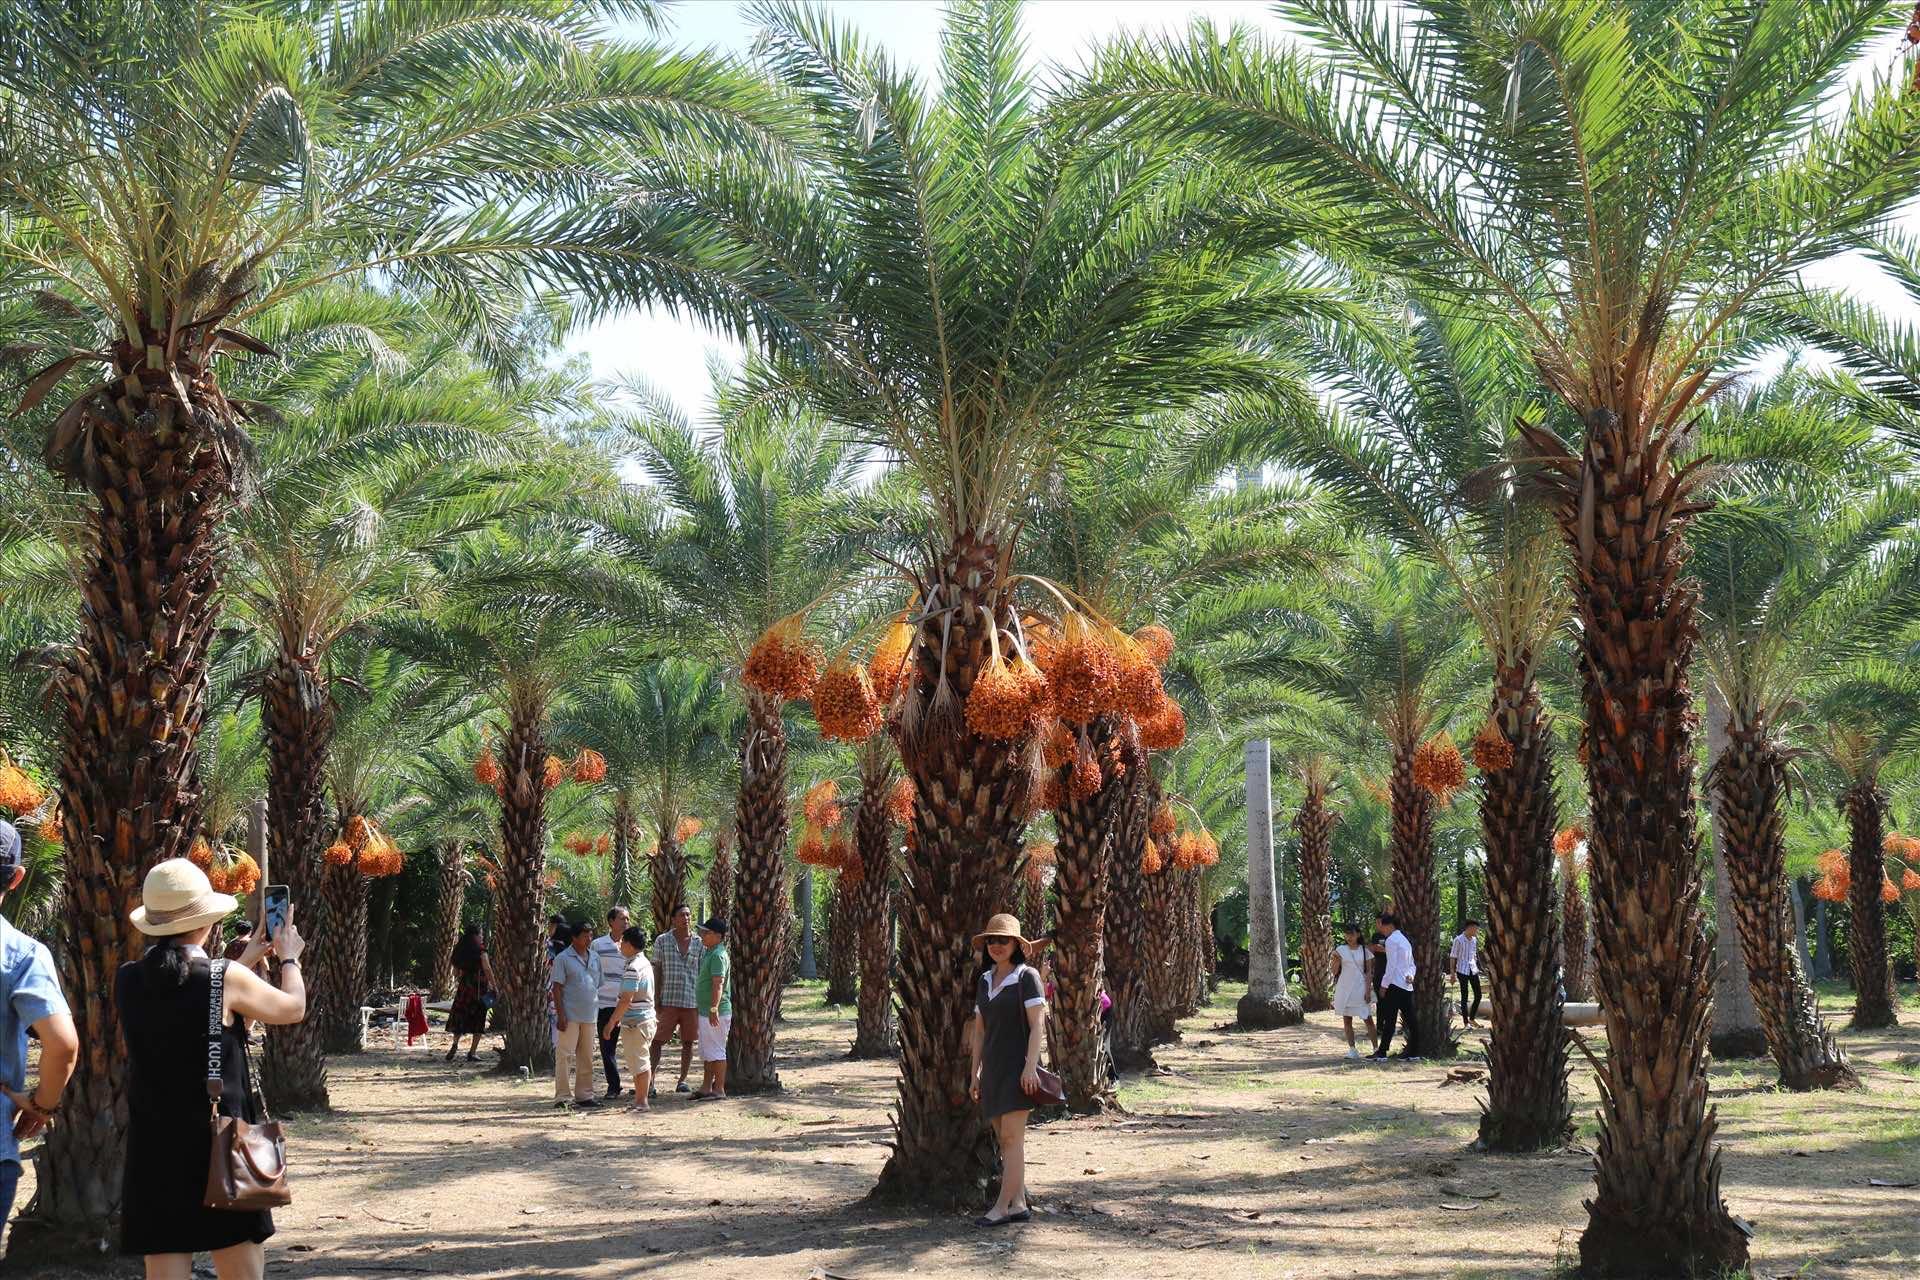 khách thăm quan chụp ảnh vườn cây chà là